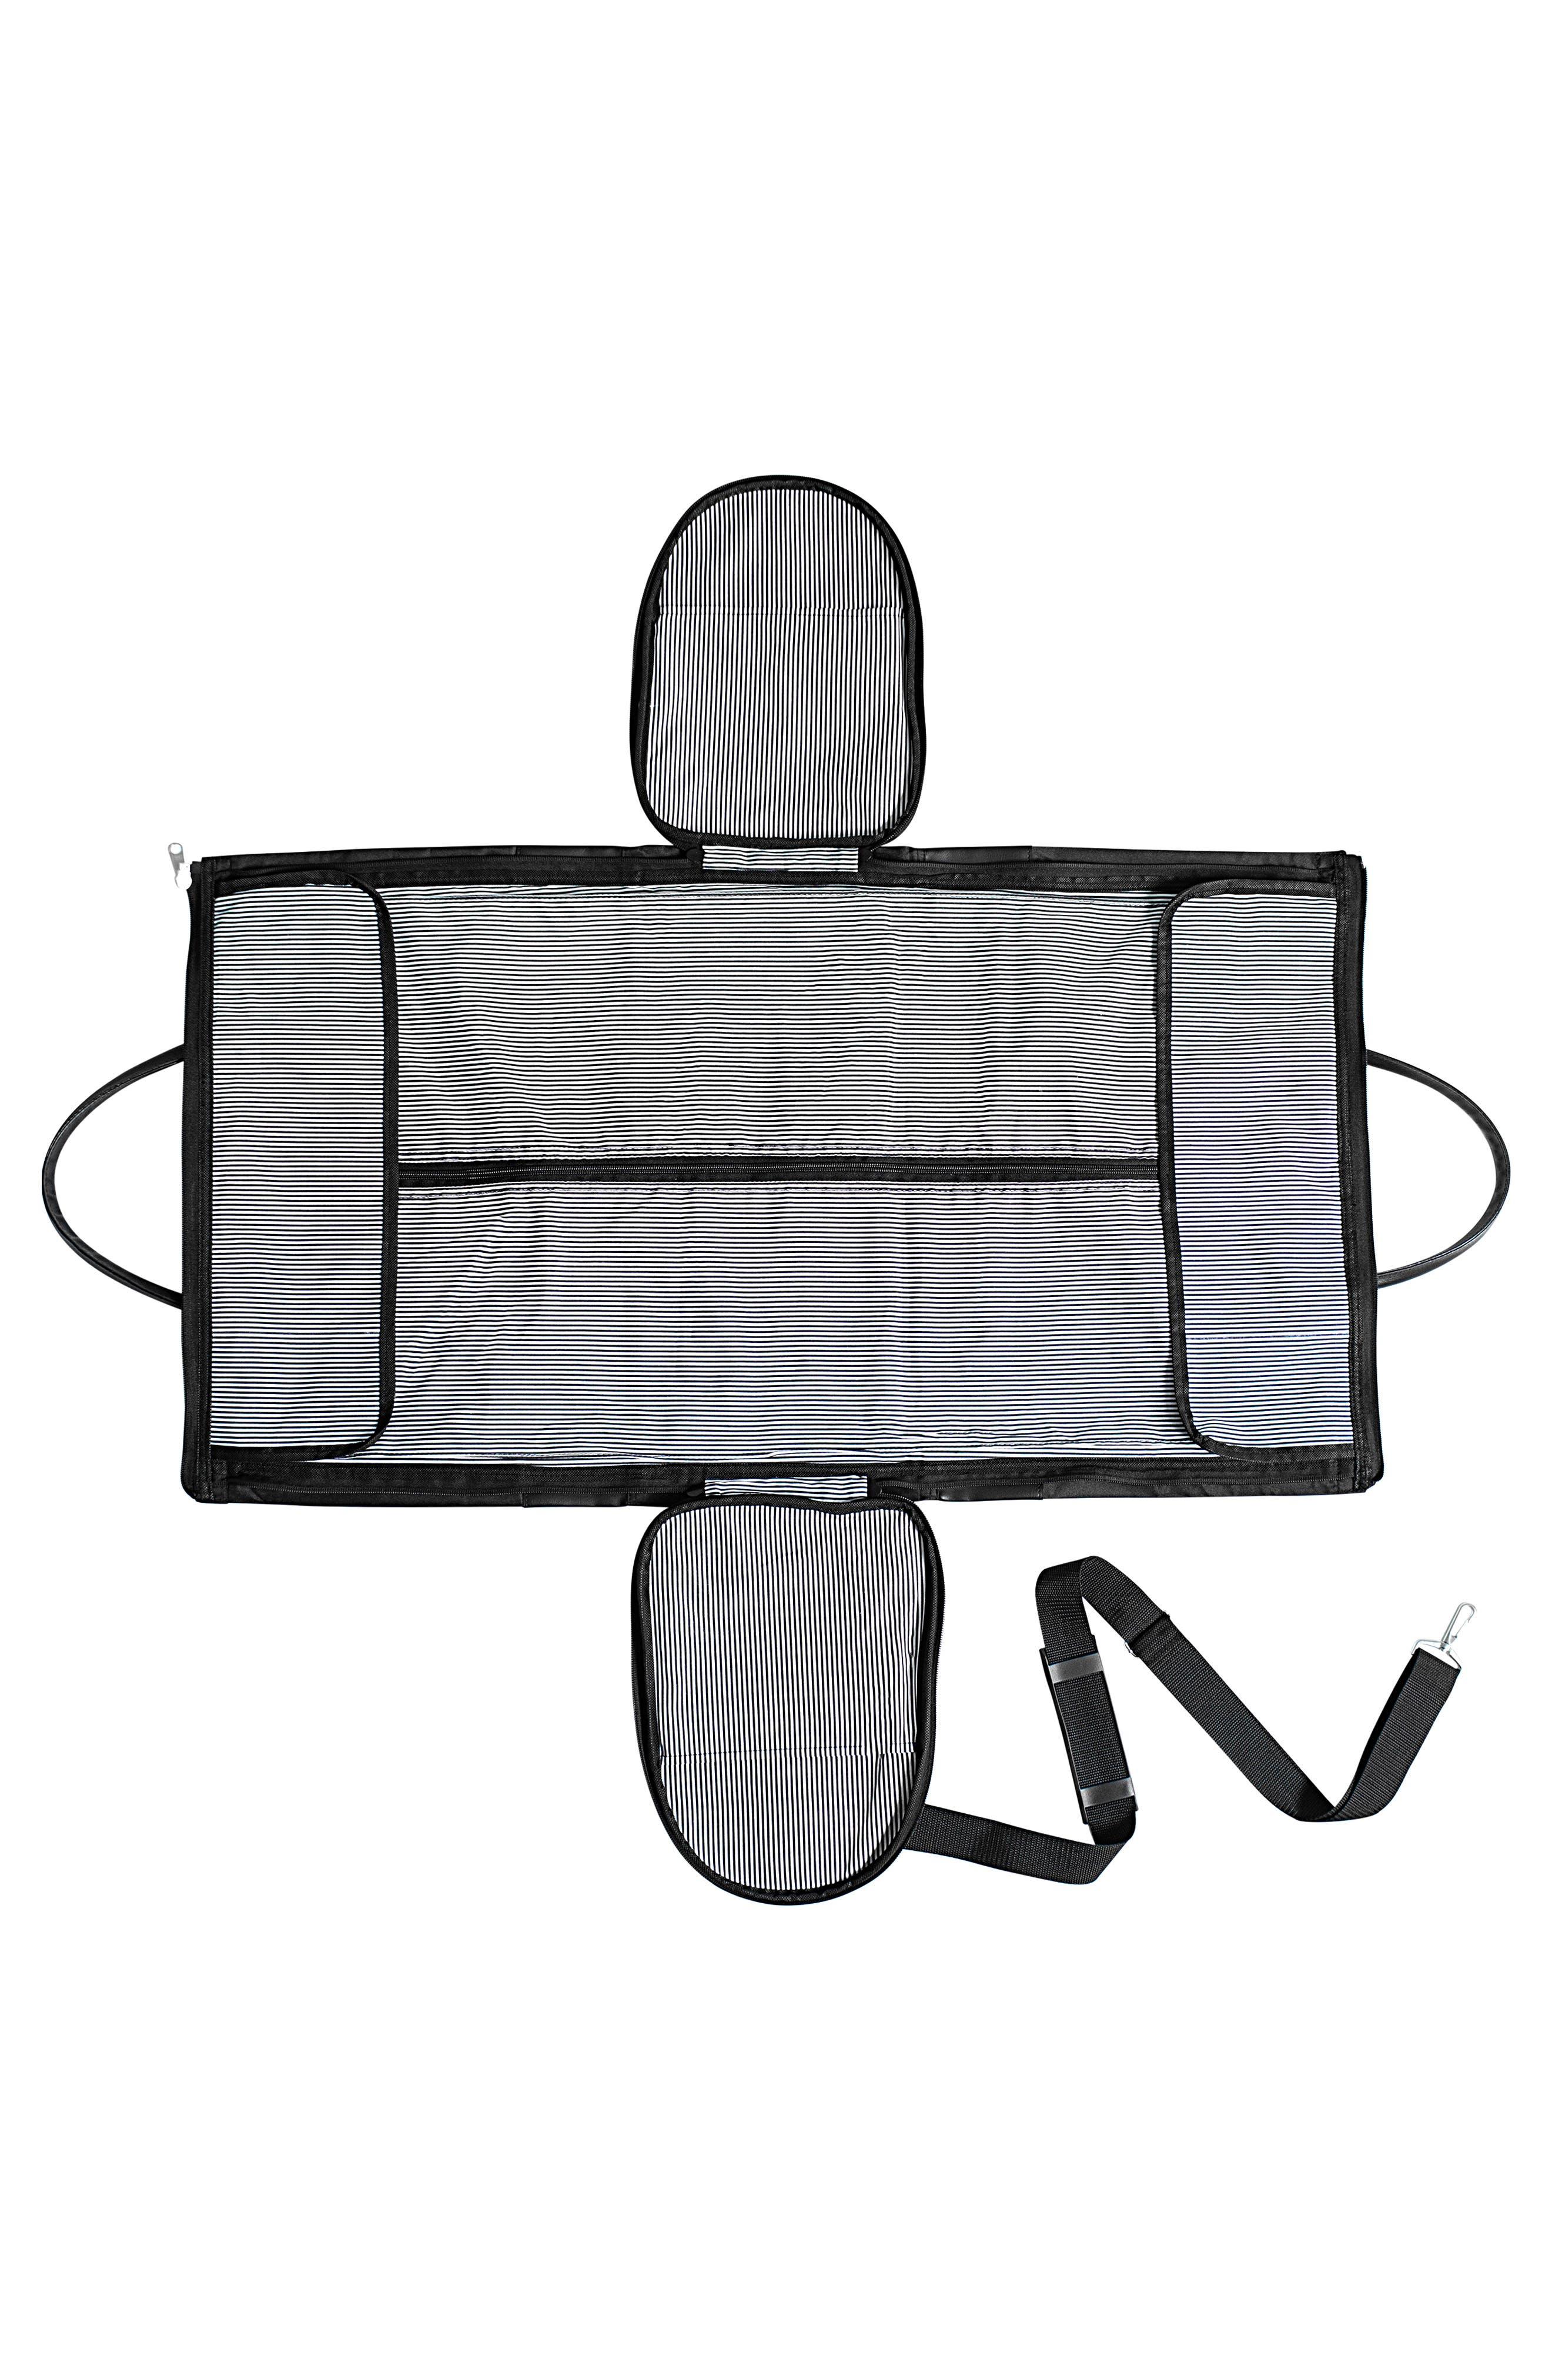 Monogram Duffel/Garment Bag,                             Alternate thumbnail 2, color,                             BLACK